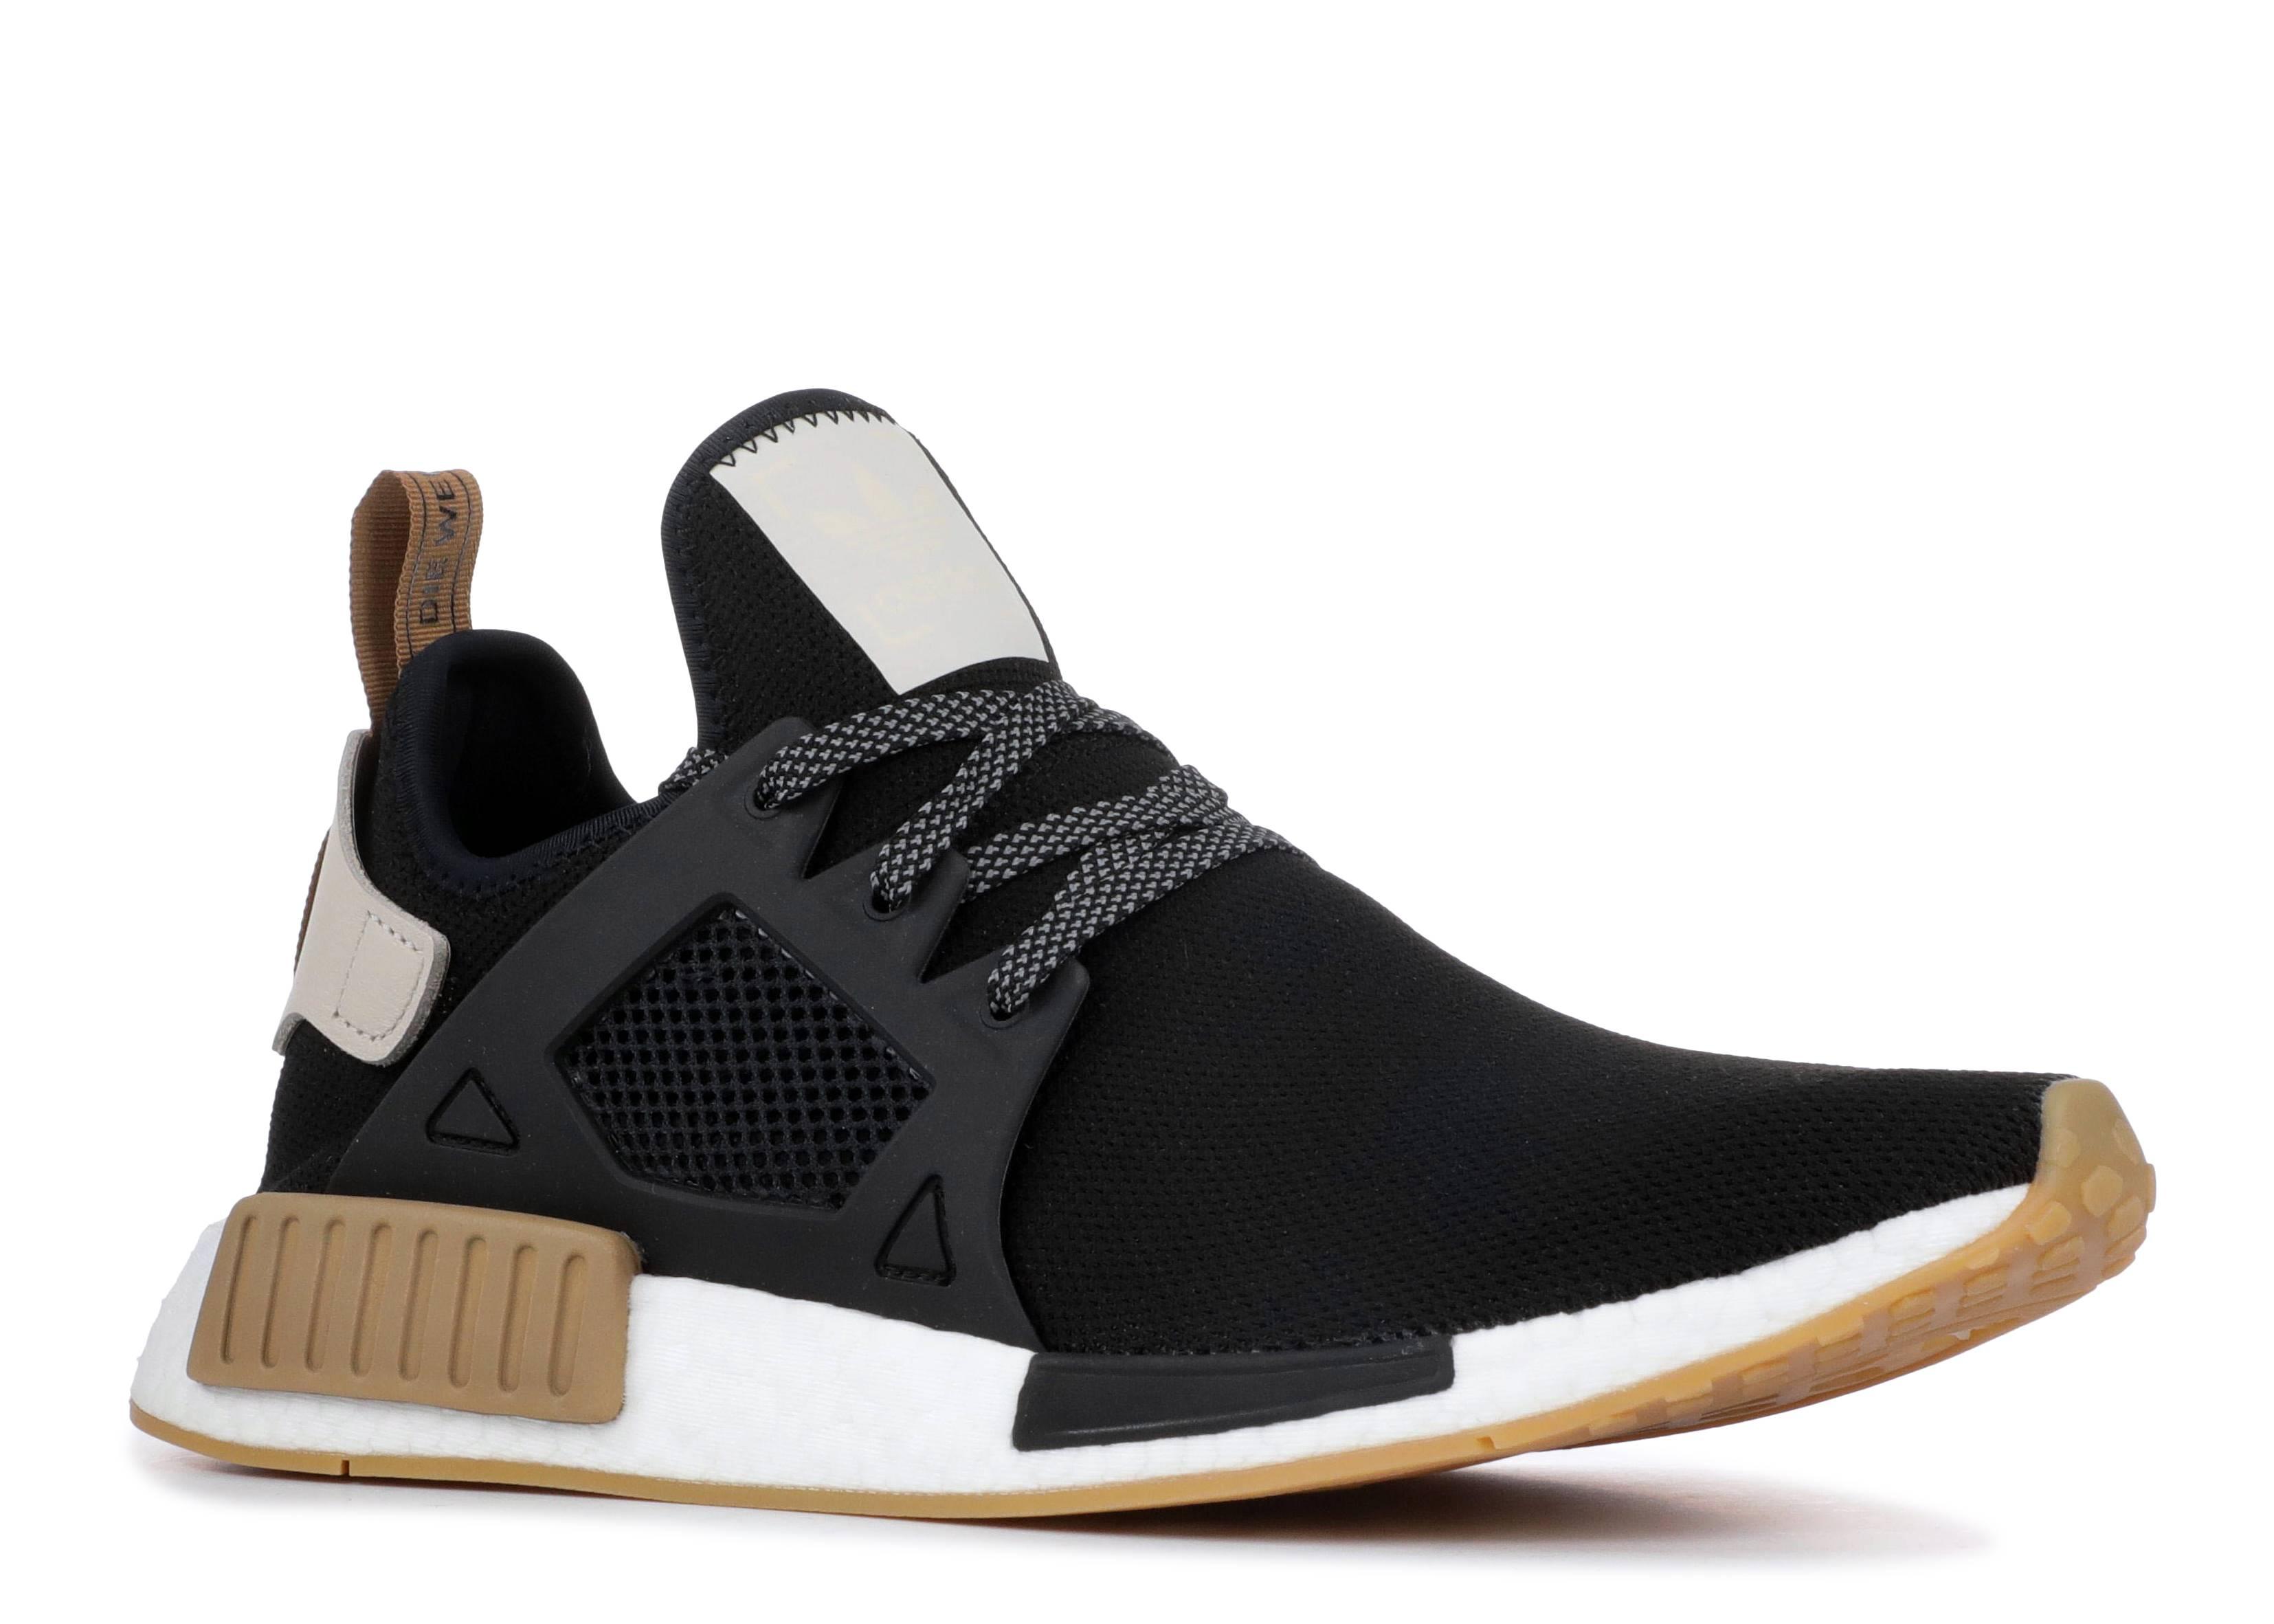 adidas nmd xr1 black-clear brown-cardboard kaufen